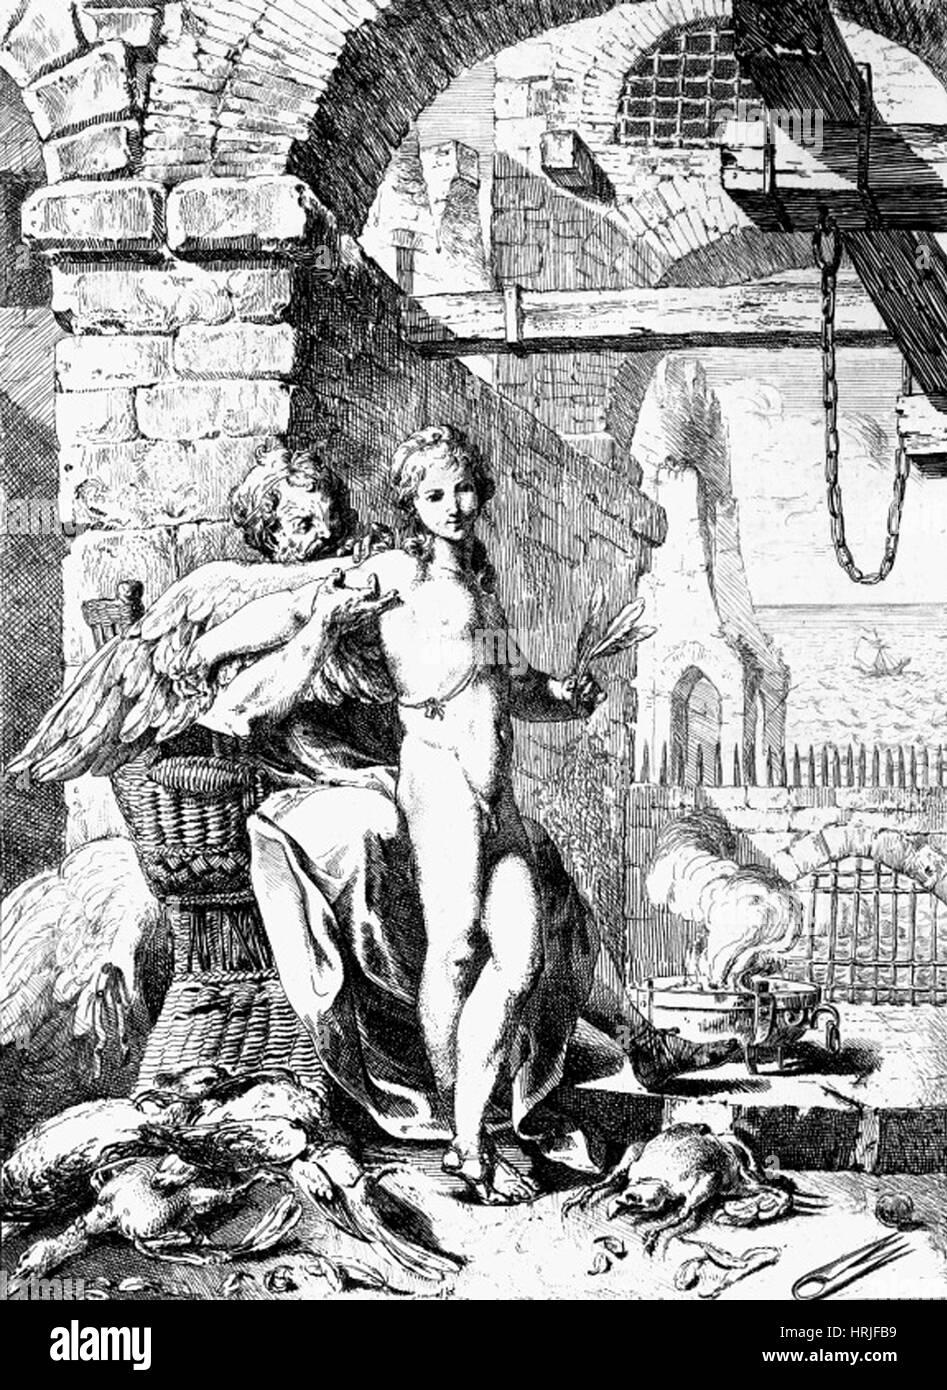 Daedalus and Icarus, Greek Mythology - Stock Image